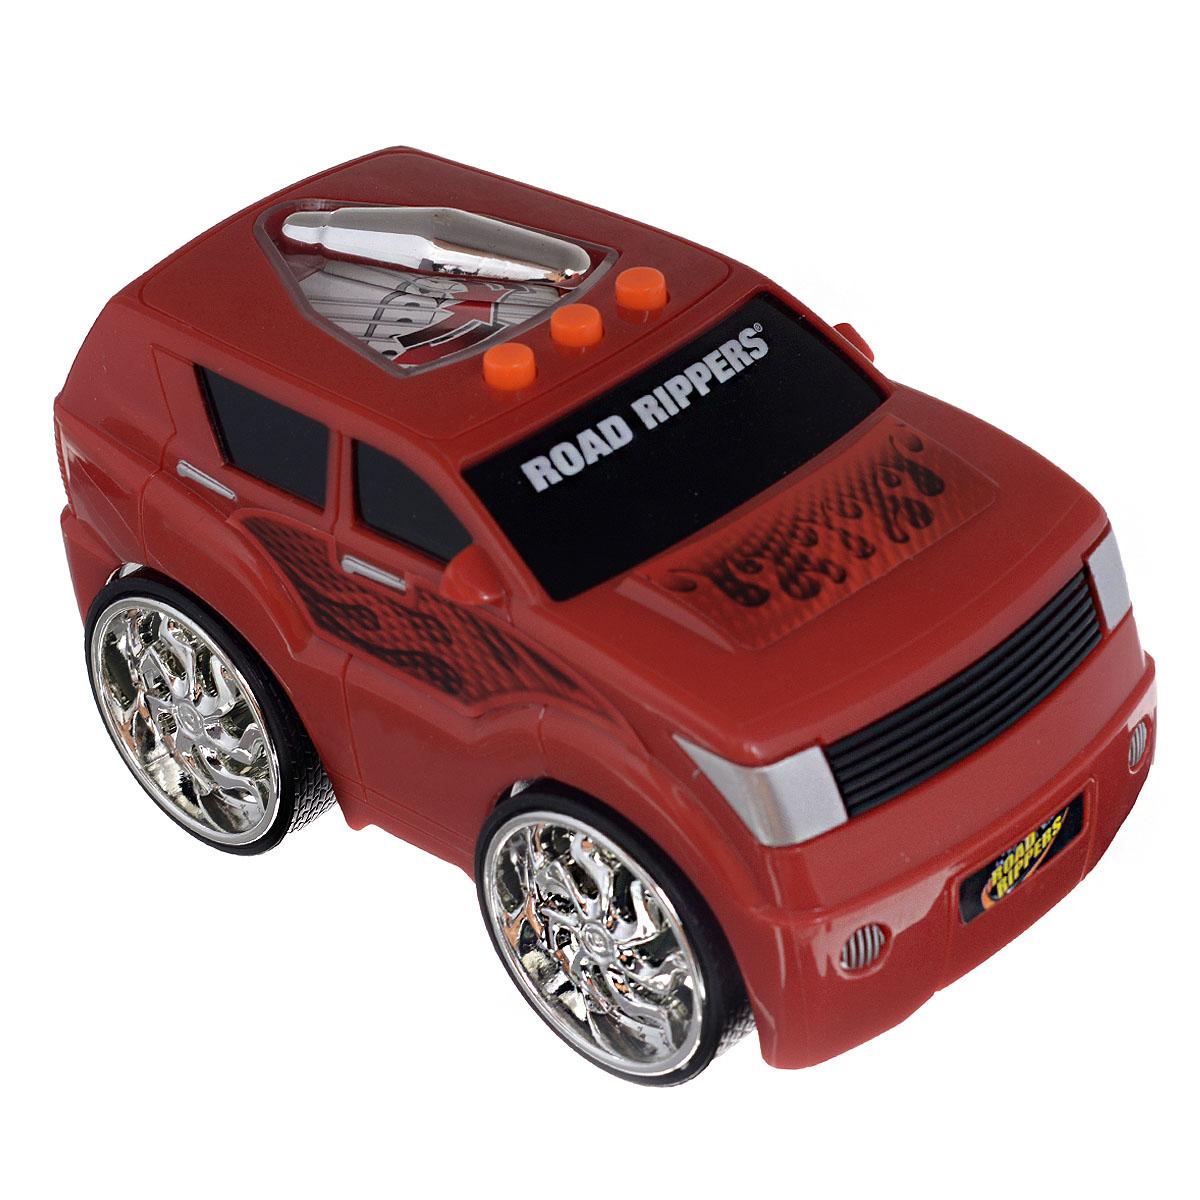 Toystate Машинка цвет красный33240TSЯркая машинка Toystate со звуковыми эффектами, несомненно, понравится вашему ребенку и не позволит ему скучать. Игрушка выполнена в виде яркой гоночной машины. При нажатии на кнопки, расположенные на ней, светится крыша автомобиля, воспроизводятся звуки двигателя, включенной передачи заднего хода и клаксона, а также играет заводная музыка. Стоит откатить игрушку назад, слегка надавив на крышу, затем отпустить - и машинка стремительно поедет вперед. Ваш ребенок часами будет играть с машинкой, придумывая различные истории и устраивая соревнования. Порадуйте его таким замечательным подарком! Рекомендуется докупить 2 батарейки напряжением 1,5V типа AА (товар комплектуется демонстрационными). Уважаемые клиенты! Обращаем ваше внимание на возможные изменения в дизайне, связанные с ассортиментом продукции. Поставка осуществляется в зависимости от наличия на складе.